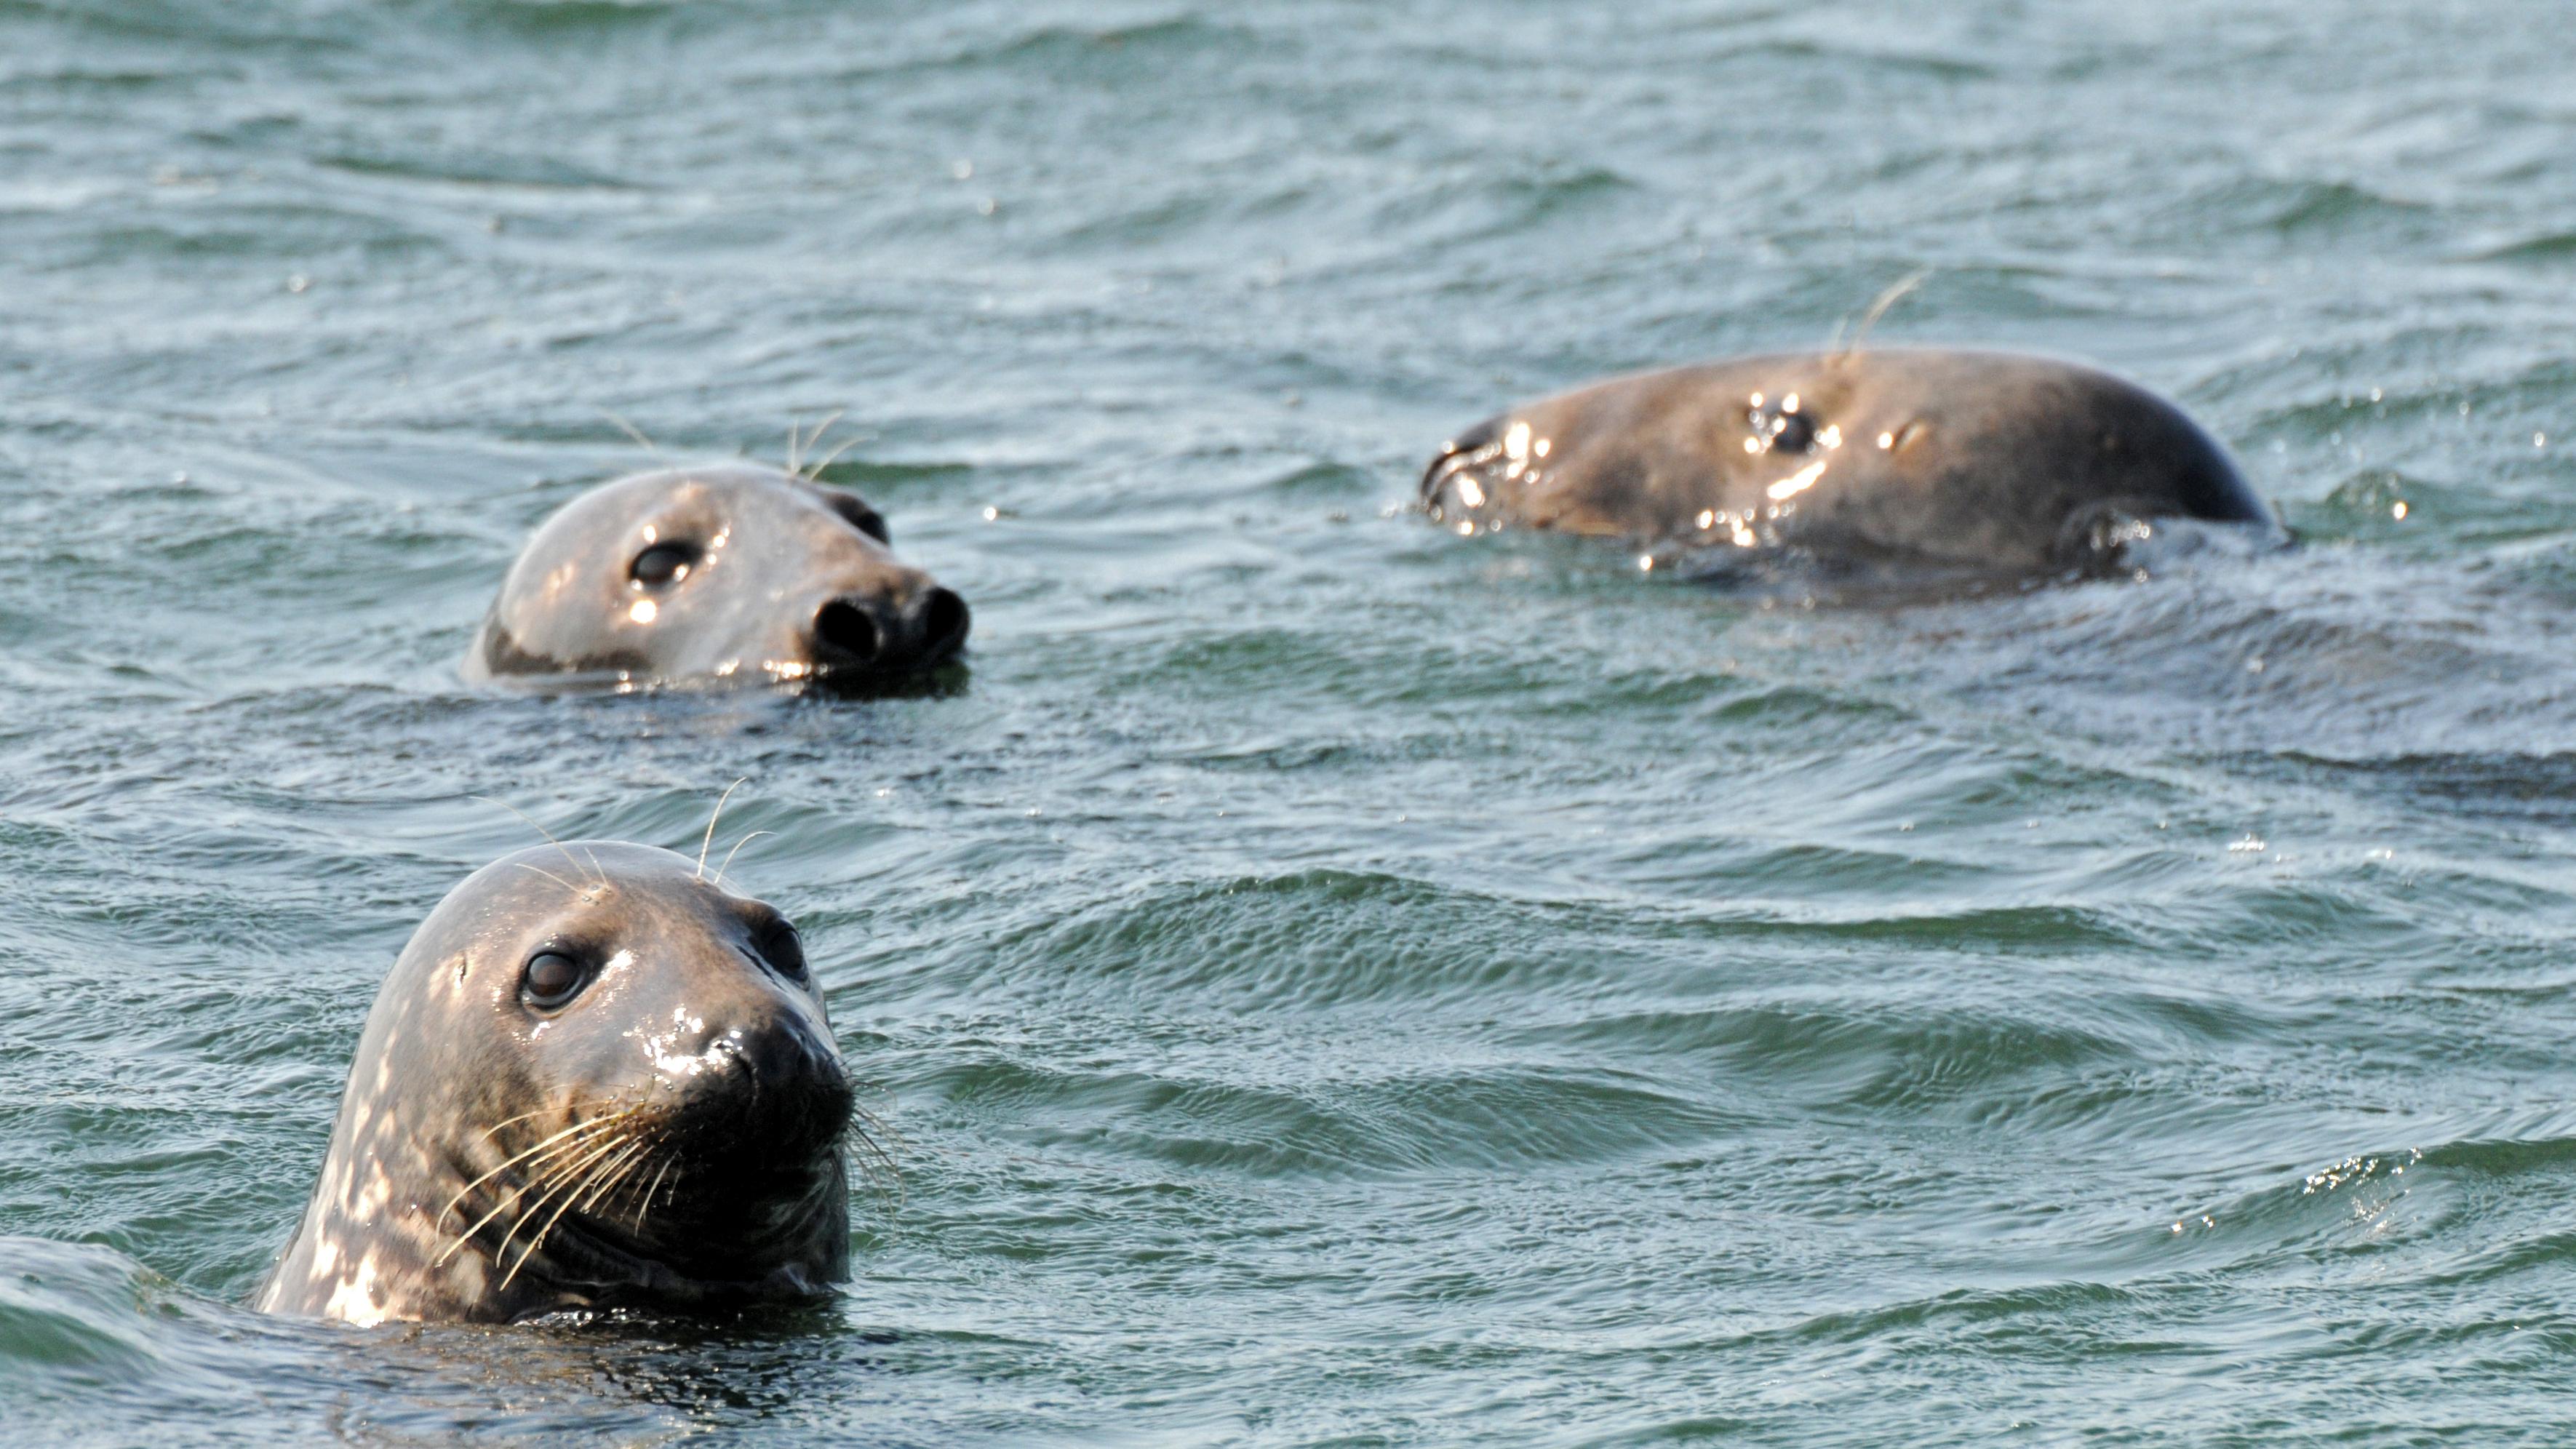 Seals_Doucette_WHOI